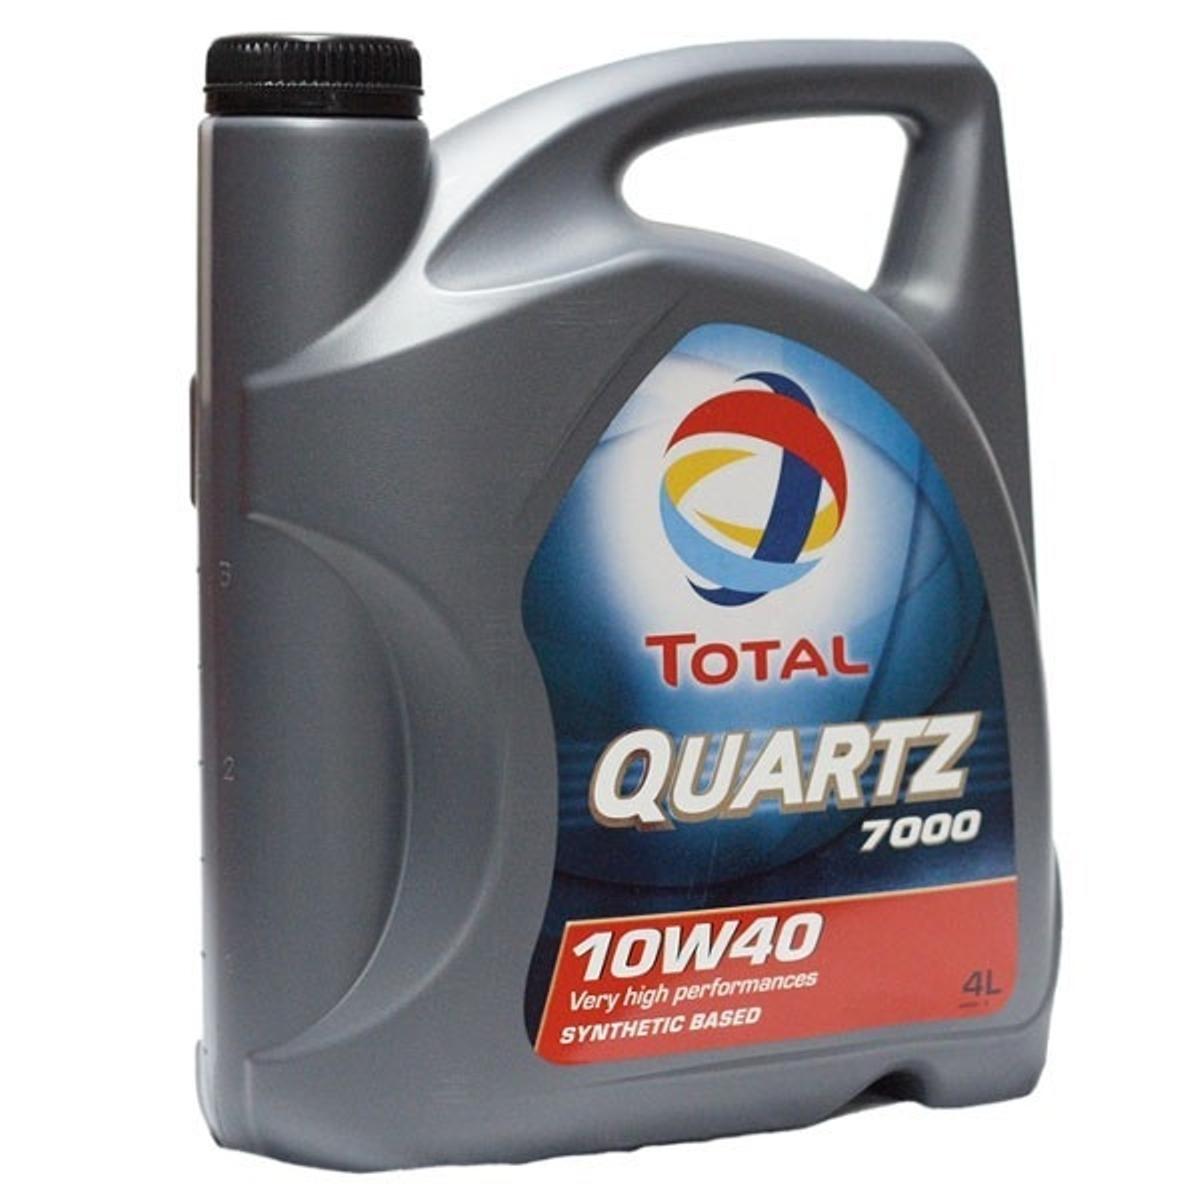 Моторное масло Total Quartz 7000 10W-40, 4 л148593Моторное масло Total Quartz 7000 10w-40 разработано для соответствия требованиям спецификаций бензиновых и дизельных двигателей (легковые и небольшие грузовые автомобили). Рекомендовано для применения в двигателях с турбонаддувом, включая многоклапанные. Масло обеспечивает высокие эксплуатационные свойства в условиях высоких нагрузок при вождении по автостраде и в городе, в любое время года. Total Quartz 7000 10w-40 прекрасно подходит для автомобилей, оснащенных катализаторами и использующих этилированный бензин или сжиженный газ. Использование Total Quartz 7000 10w-40 обеспечивает значительную экономию топлива, подтверждено тестом API SH EC I. Благодаря основе, состоящей из синтетических и высокоочищенных минеральных компонентов, Total Quartz 7000 10w- 40 обладает высоким индексом вязкости и превосходной вязкостной стабильностью в эксплуатации. Масло изготовлено по технологии, обеспечивающей сочетание свойств легкотекучести (легкий холодный старт) и вязкости (превосходное смазывание при высоких температурах, низкий расход масла). Сохраняет в чистоте двигатель, благодаря выкотехнологичным моющим и диспергирующим присадкам, что не допускает потери мощности. Использование противоизносных присадок обеспечивает надежную защиту наиболее чувствительных частей двигателя. Спецификации/допуски: API SJ/SH/CF, PSA PEUGEOT CITROEN GASOLINE, API Energy Conserving | VOLKSWAGEN 500.00/505.00 (11/92), ACEA A3-96/B3- 96 BMW, MB 229.1. Рекомендуем!